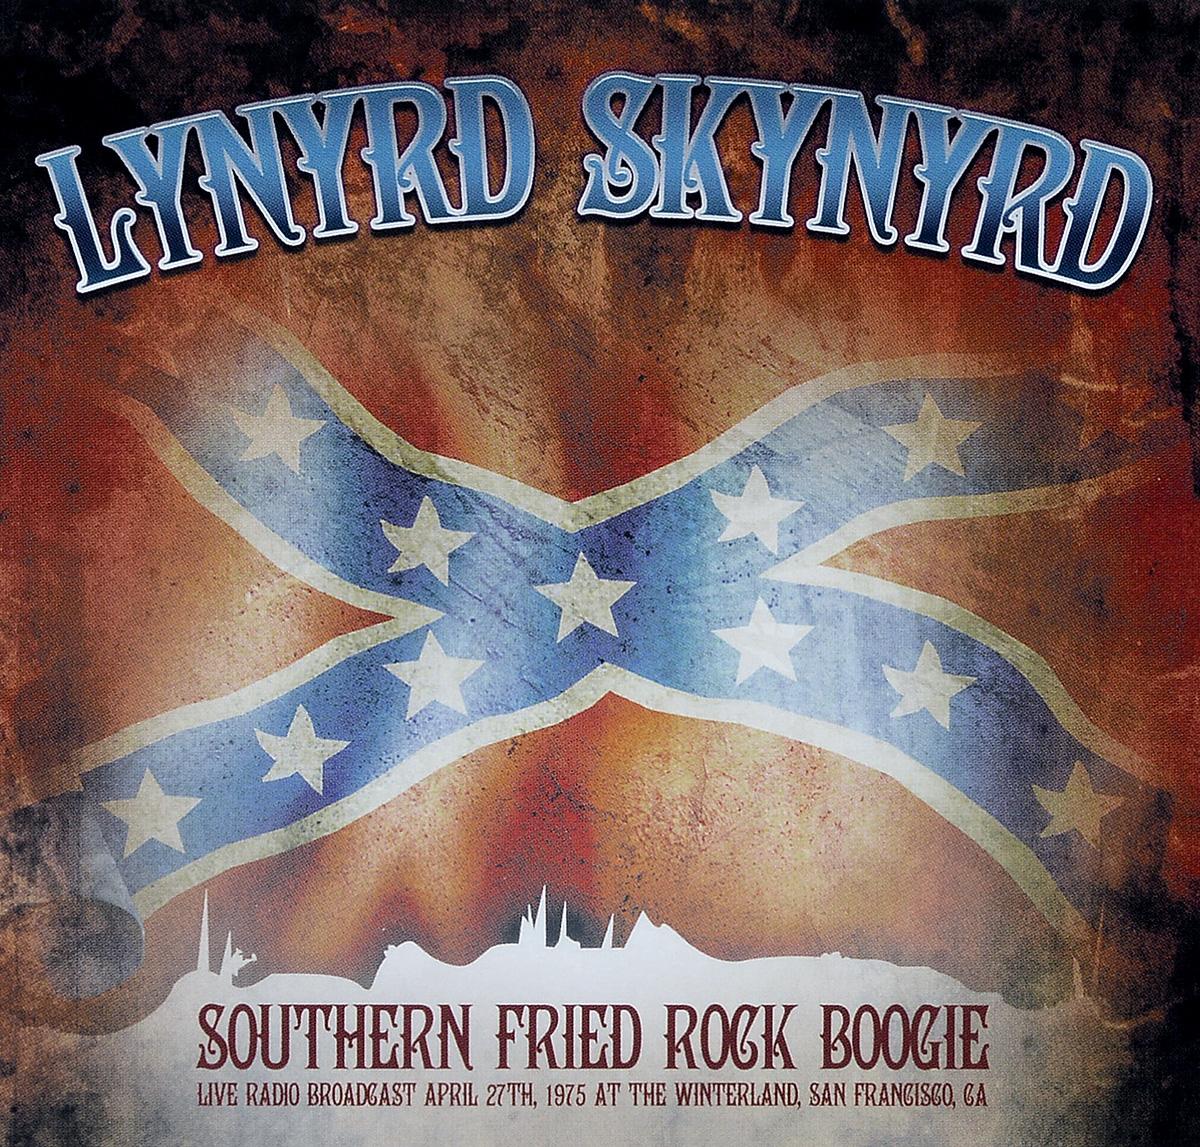 Lynyrd Skynyrd Lynyrd Skynyrd. Southern Fried Rock Boogie lynyrd skynyrd lynyrd skynyrd nuthin fancy